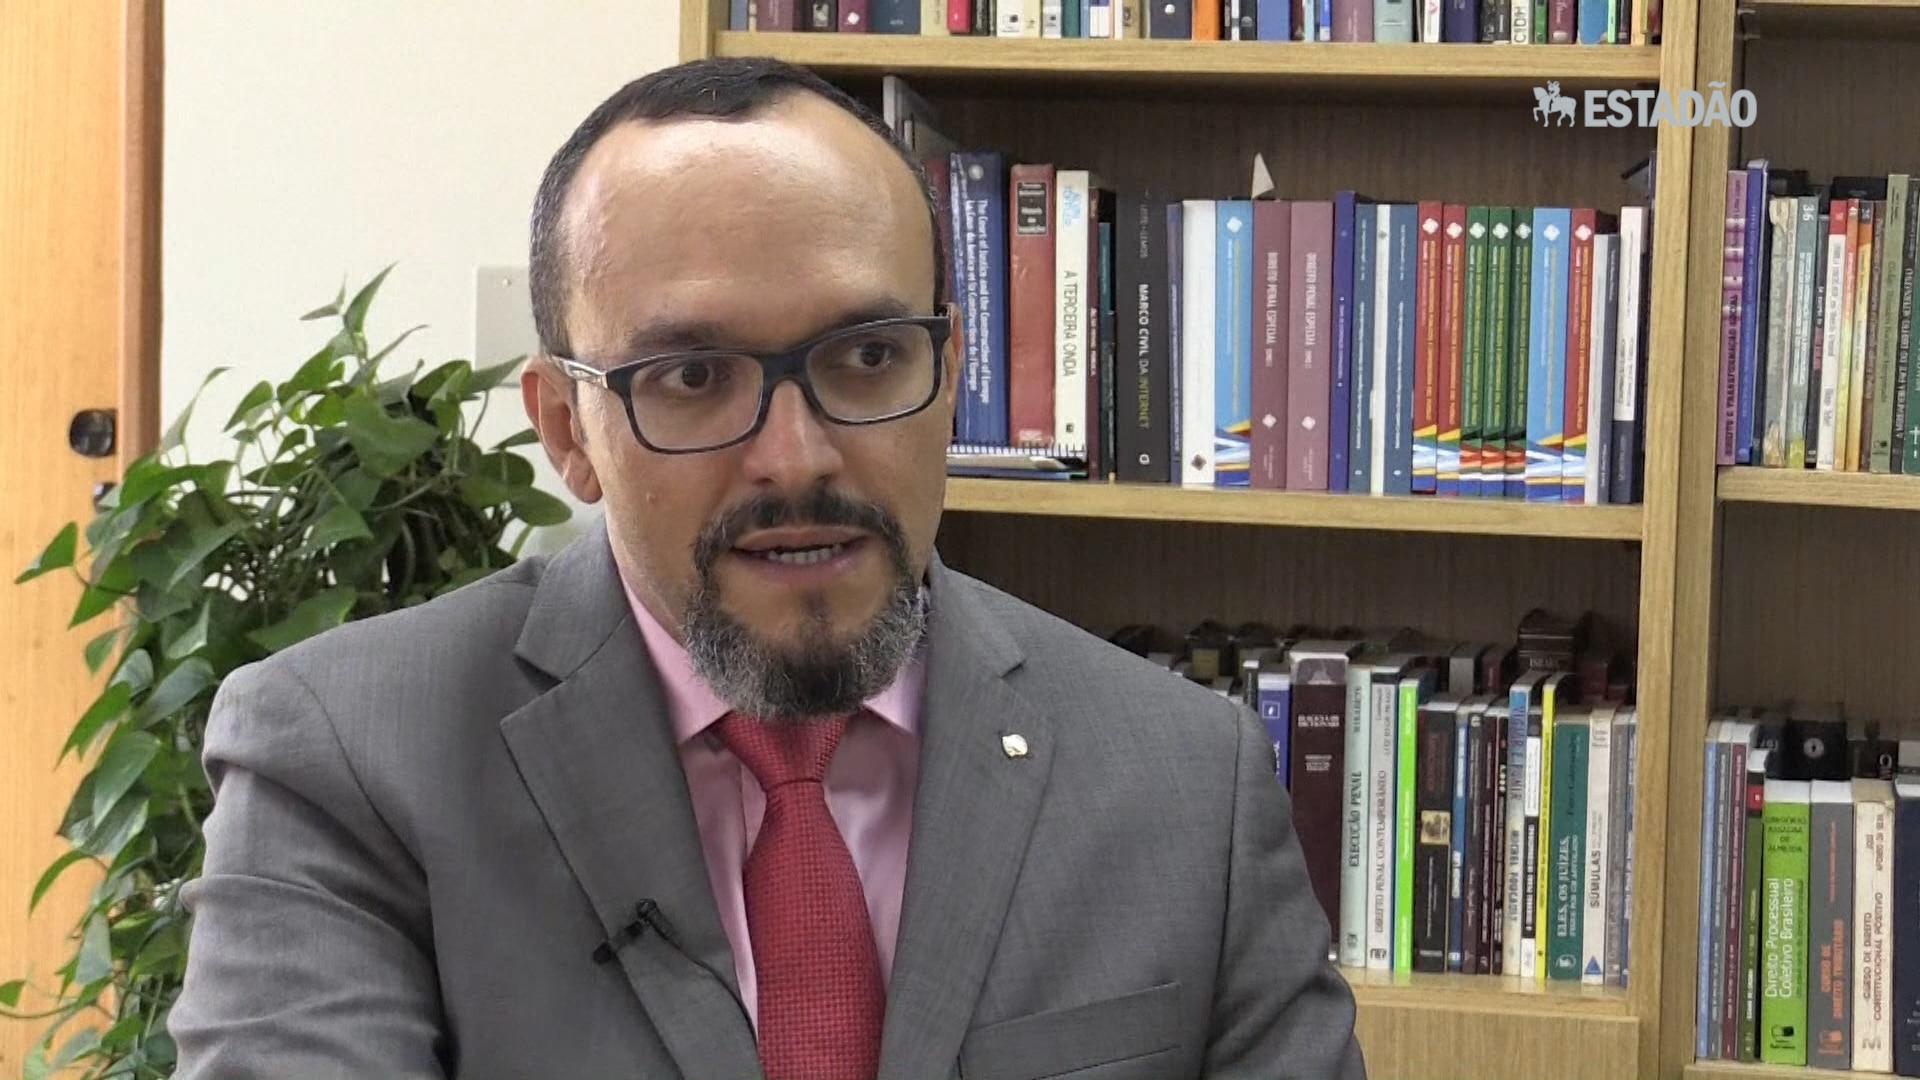 Procurador afirma que Lava Jato deve atingir mais países